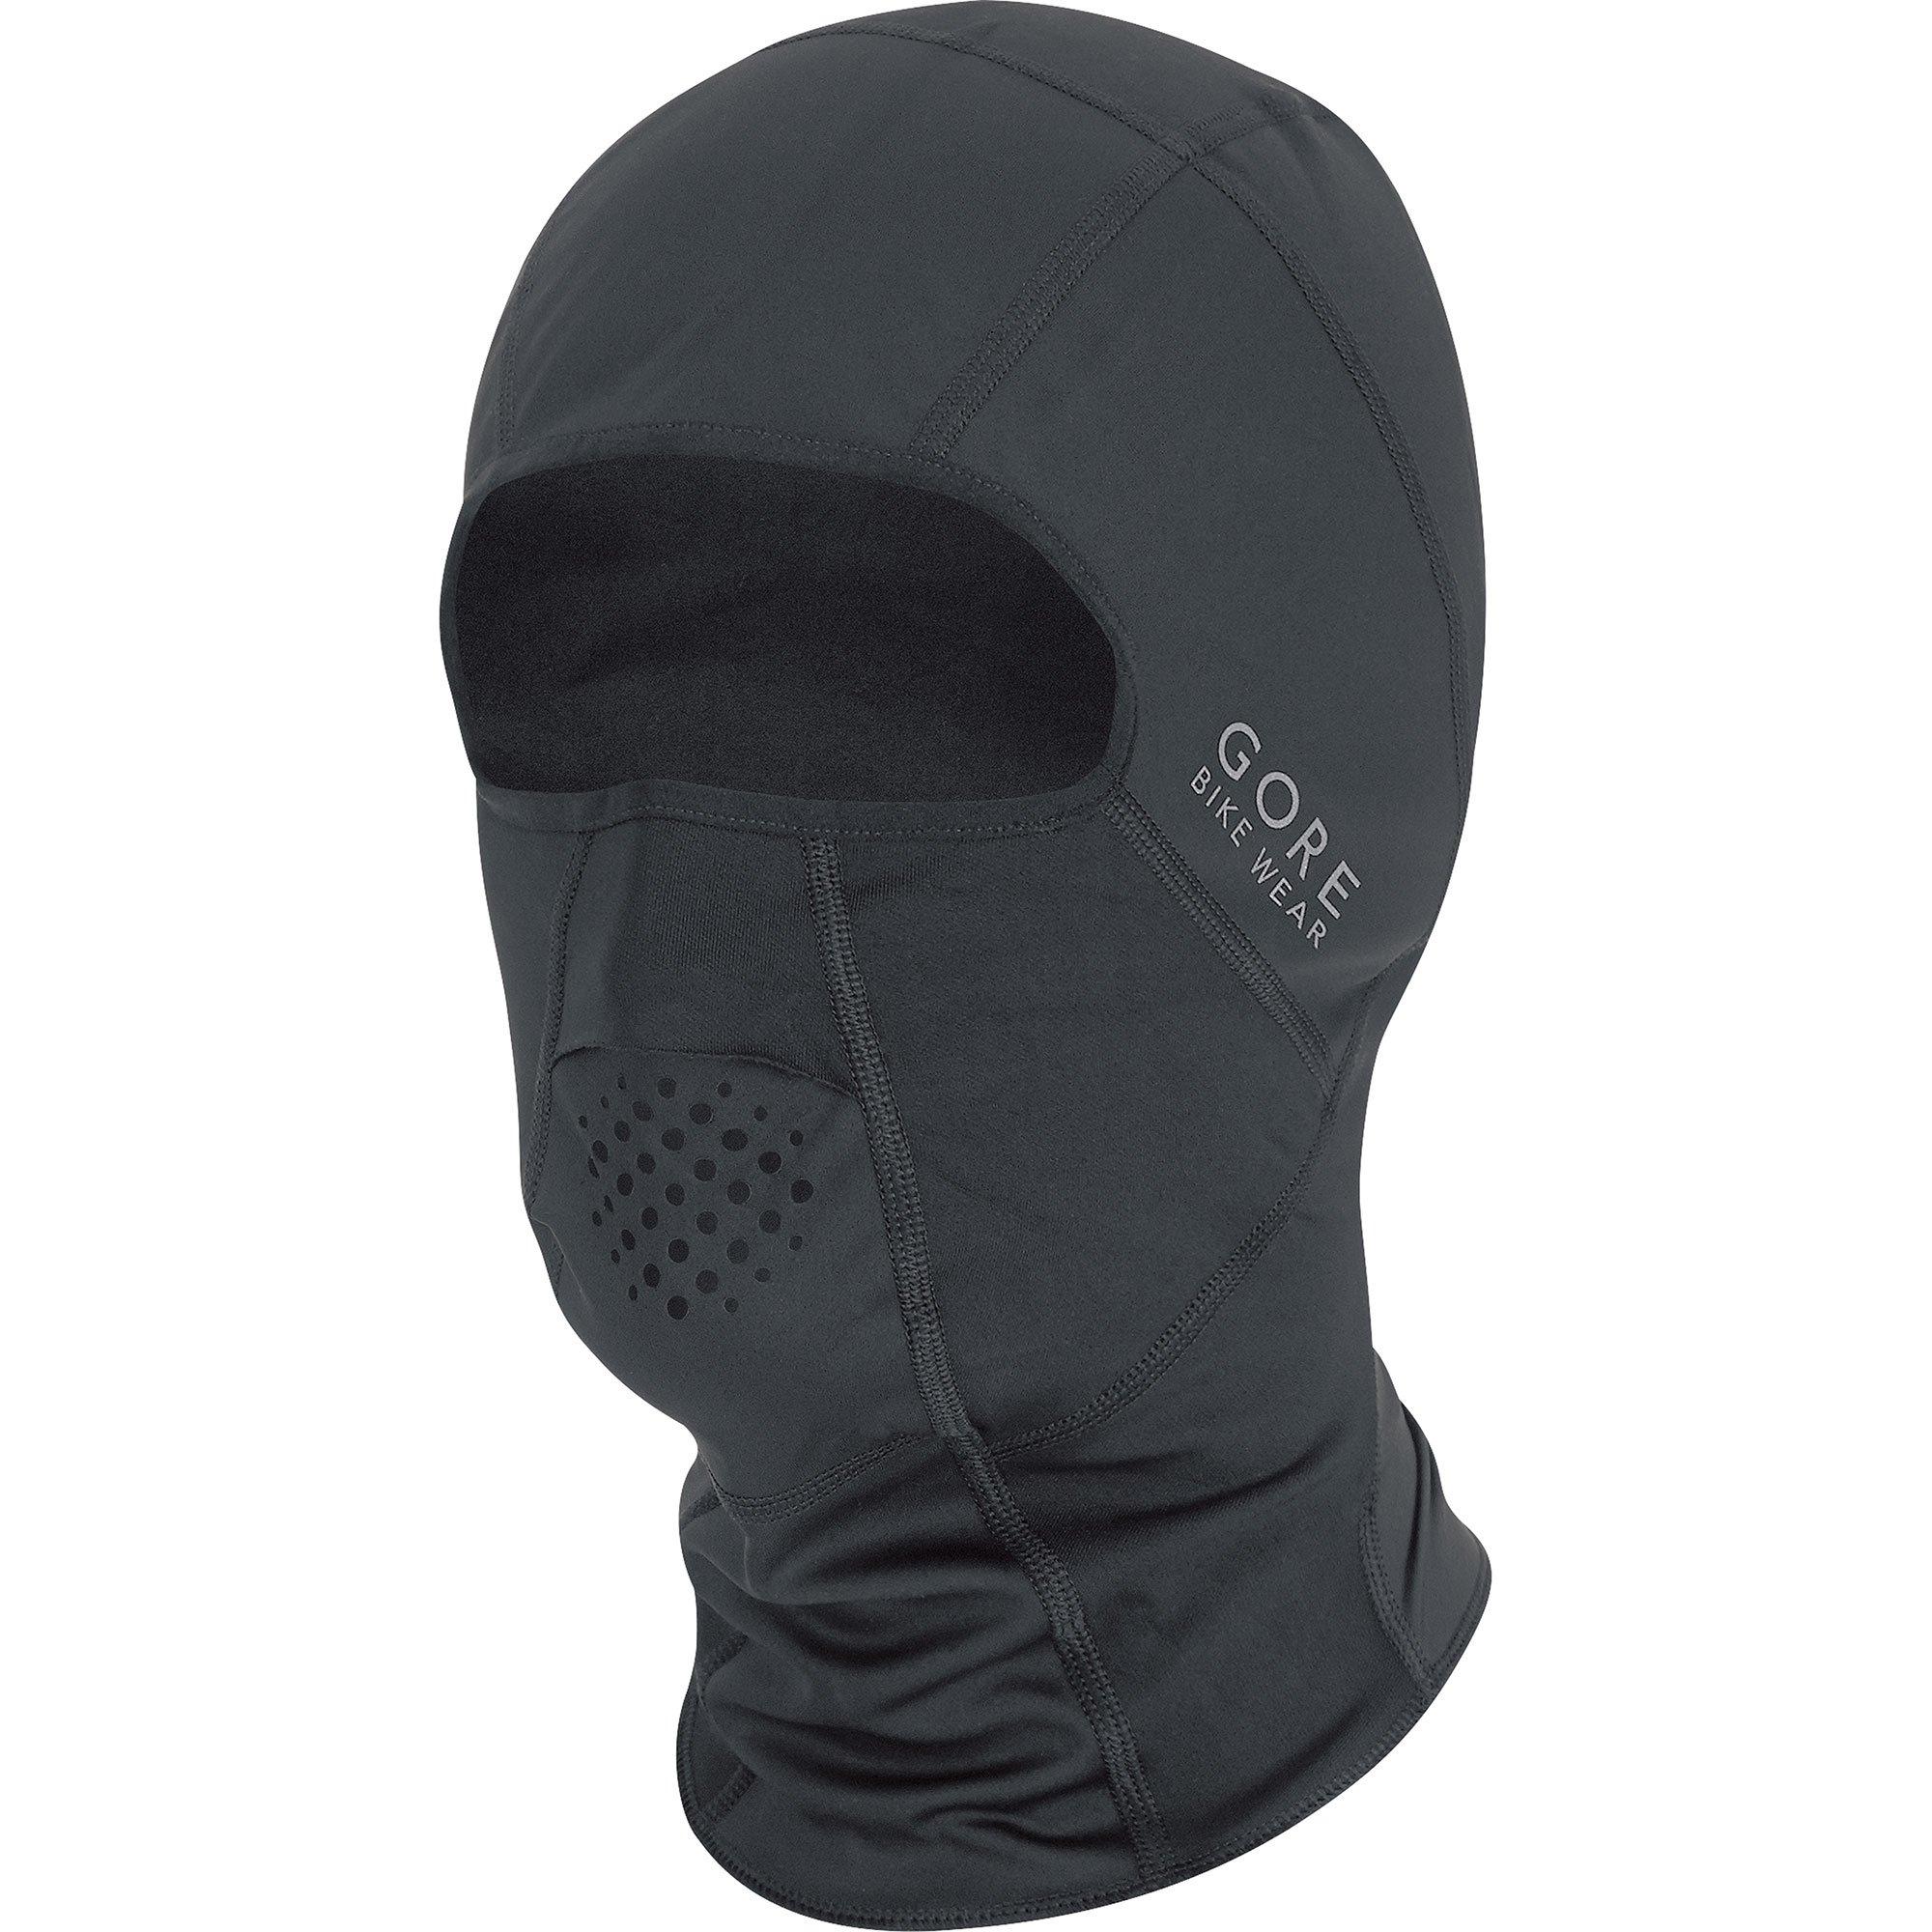 100125 Gore Bike Wear GORE Wear C5 GORE Wear WINDSTOPPER Gloves GORE Wear Windproof Cycling Gloves